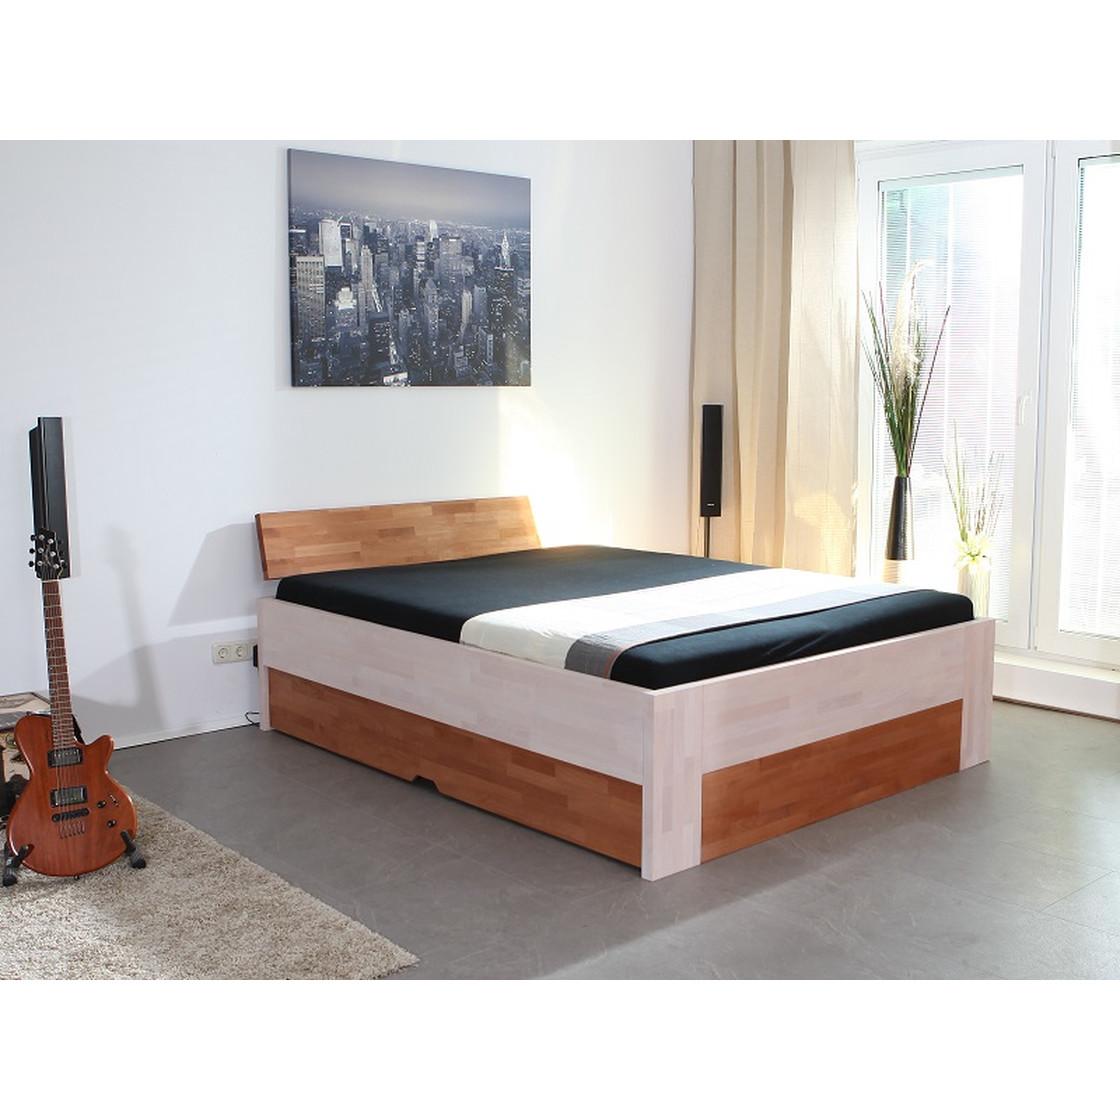 Full Size of Massivholzbett New Marlene Big Sofa Xxl Luxus Betten überlänge De Bonprix Günstig Somnus Düsseldorf 140x200 Weiß Rauch Ruf Fabrikverkauf Ausgefallene Für Bett Xxl Betten